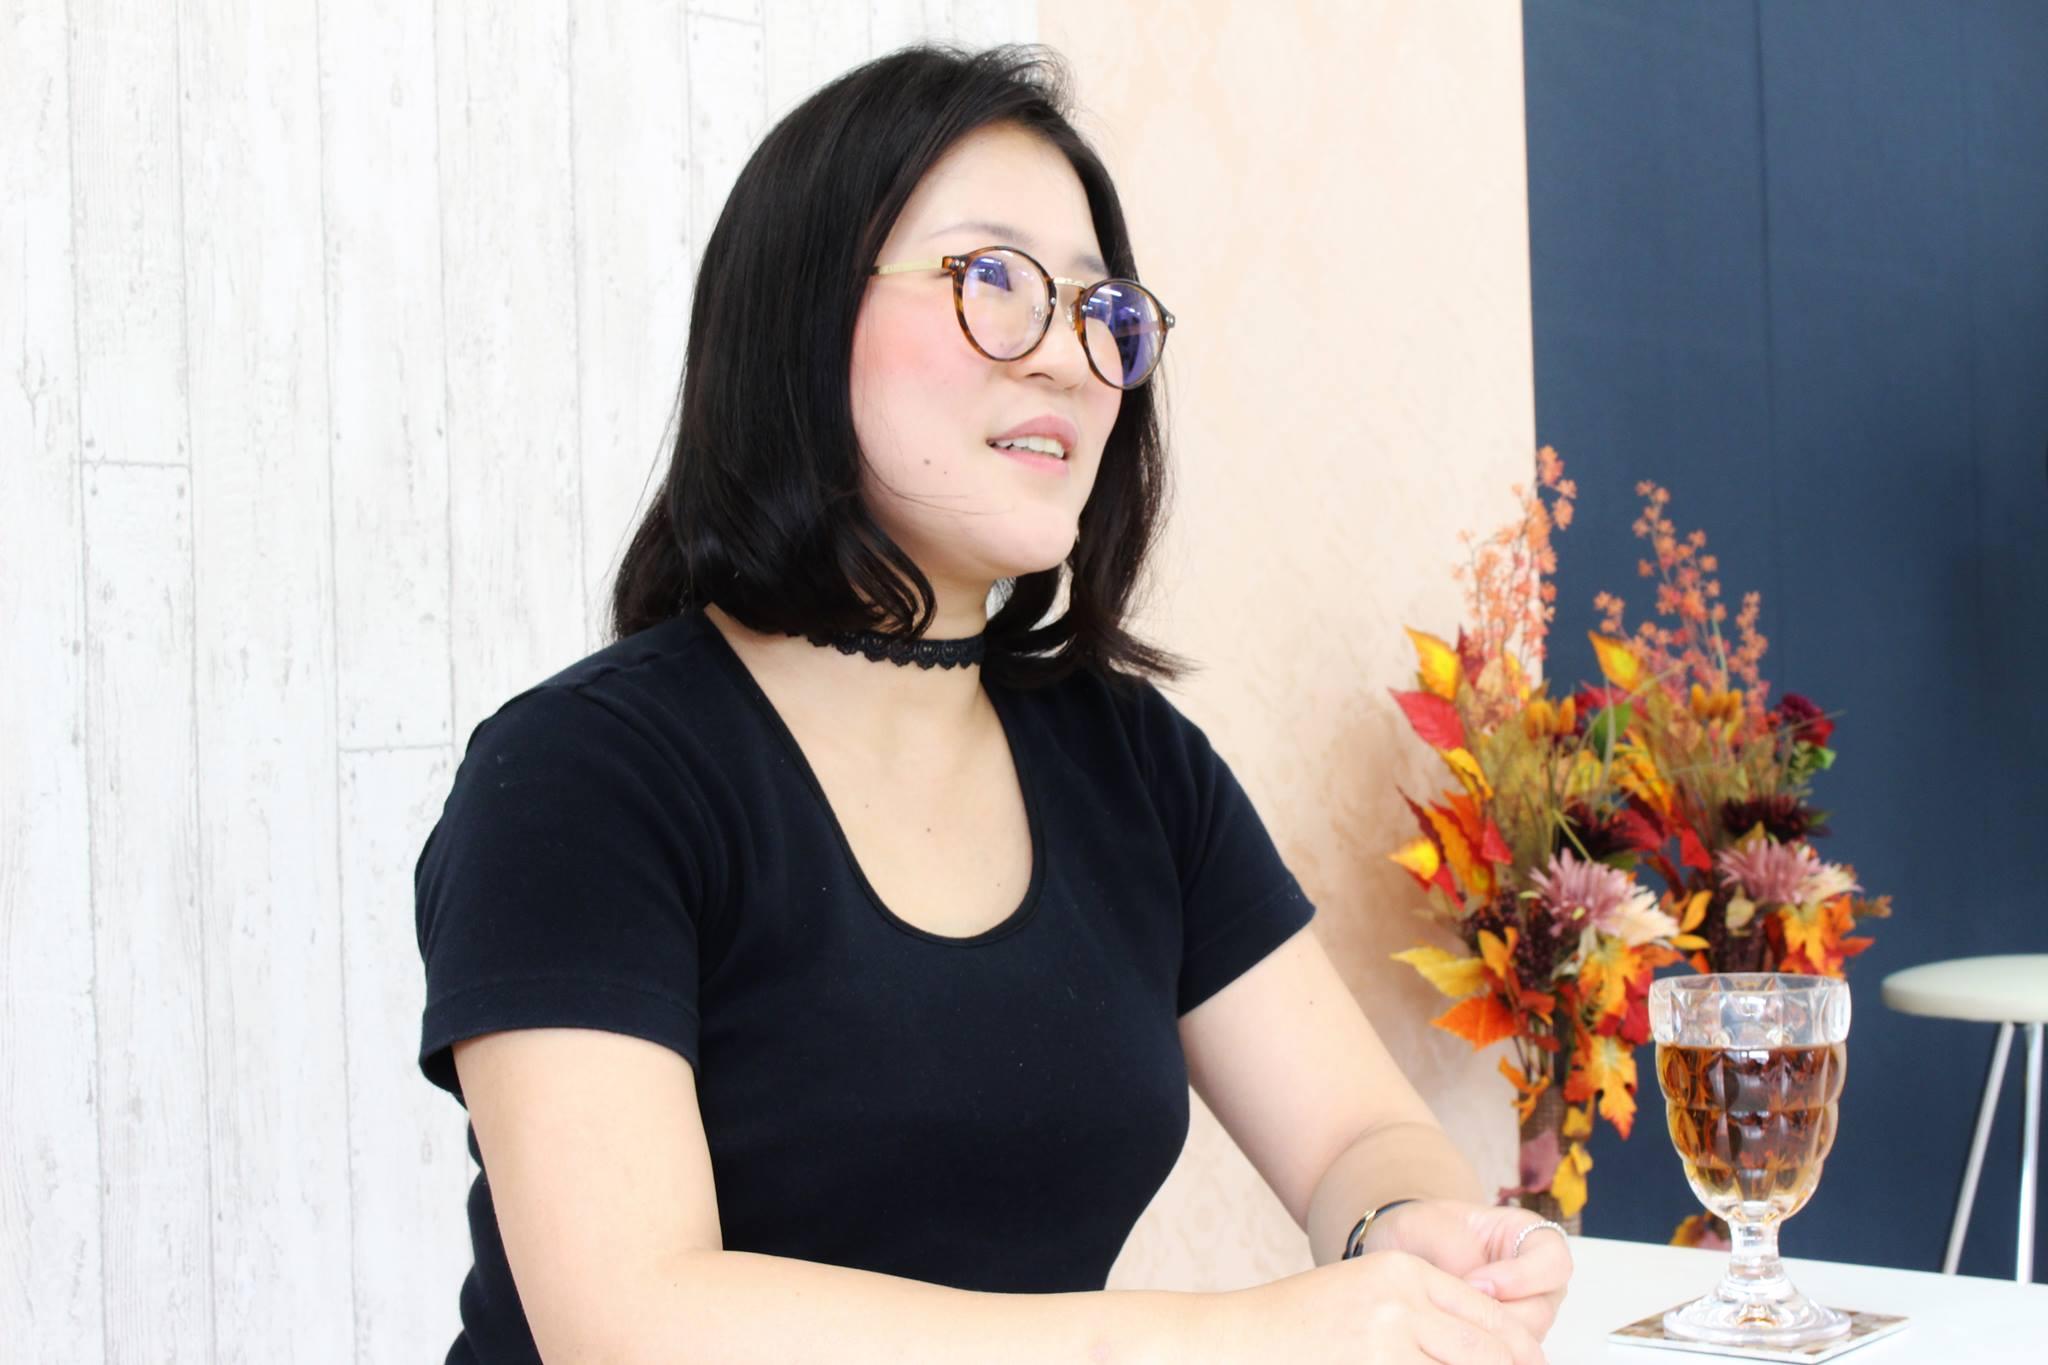 「新宿は世界で一番『女装子が多い街』」――学校の制服を着たくなかったらどうすればいい? 女装コーディネーター立花奈央子さんインタビュー